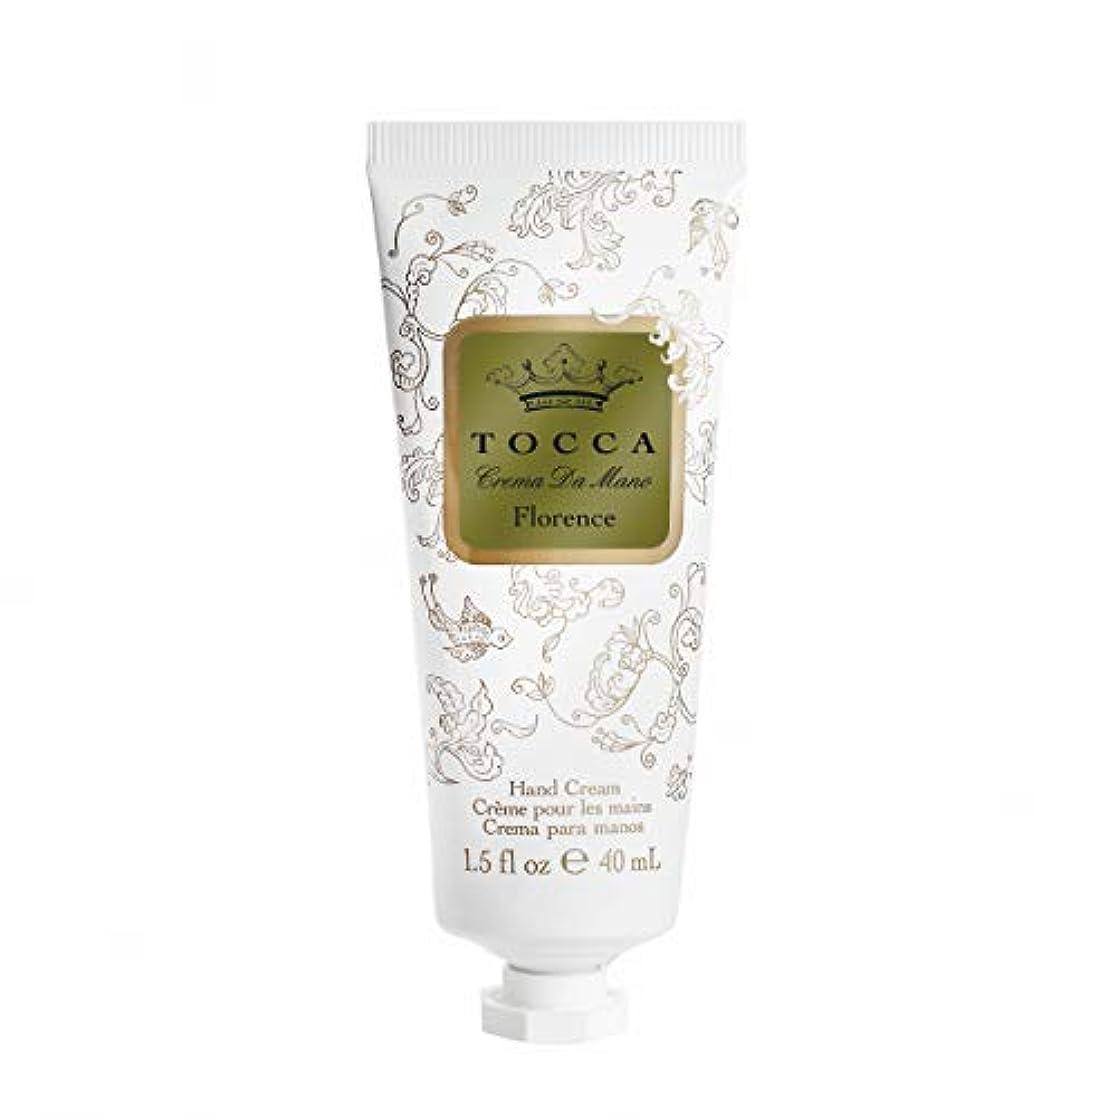 オプショナルバタフライプレゼンタートッカ(TOCCA) ハンドクリーム フローレンスの香り 40mL (ガーデニアとベルガモットが誘うように溶け合うどこまでも上品なフローラルの香り)